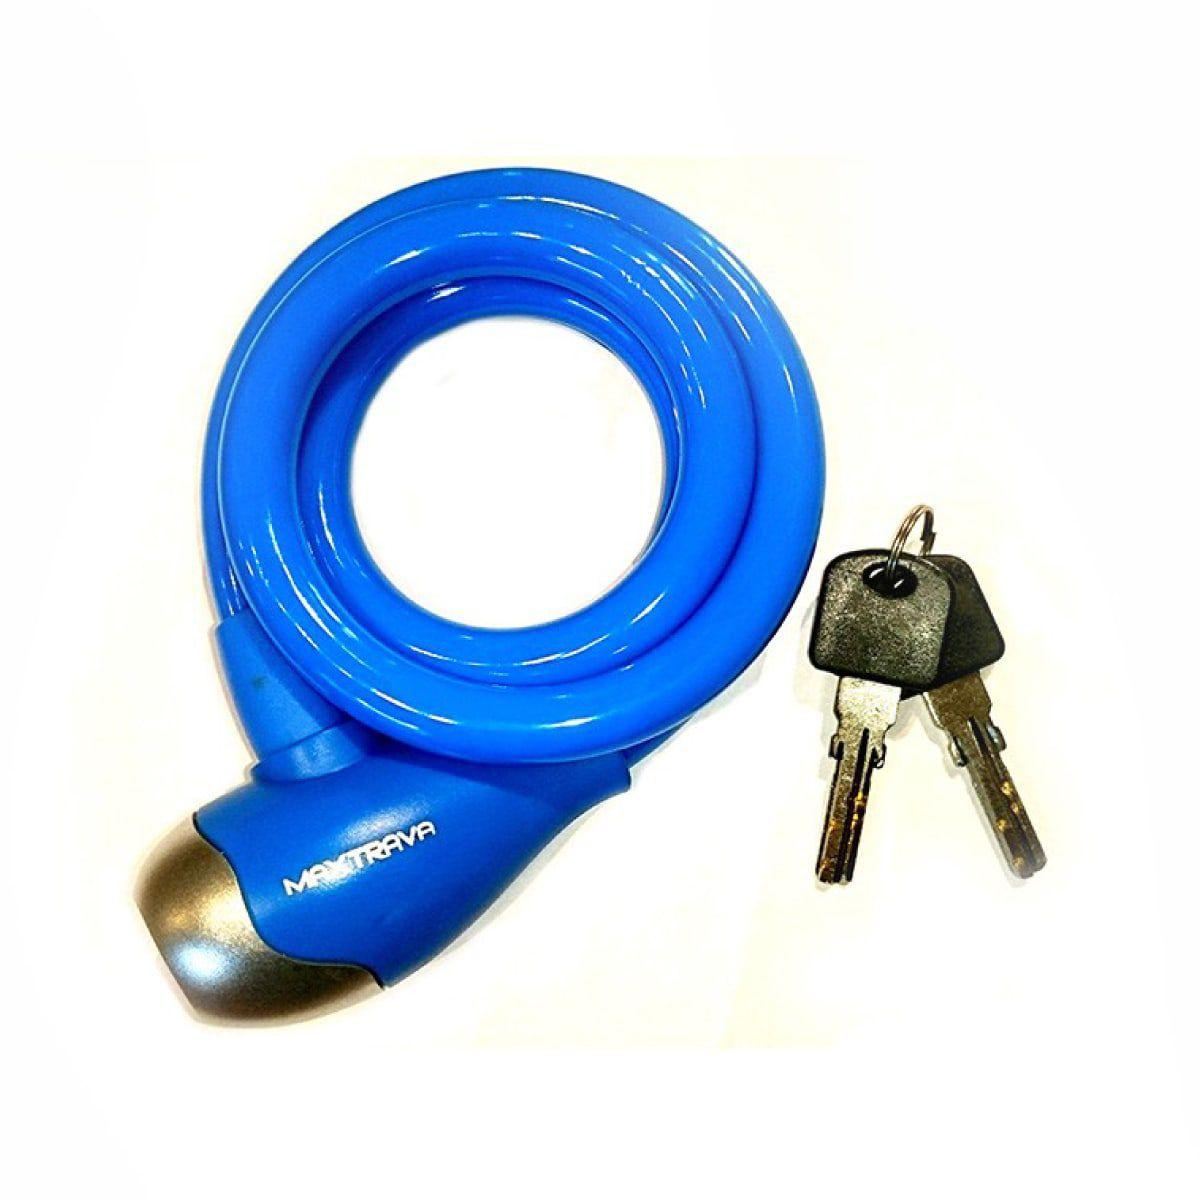 Cadeado Max Trava com Chave Grosso Azul